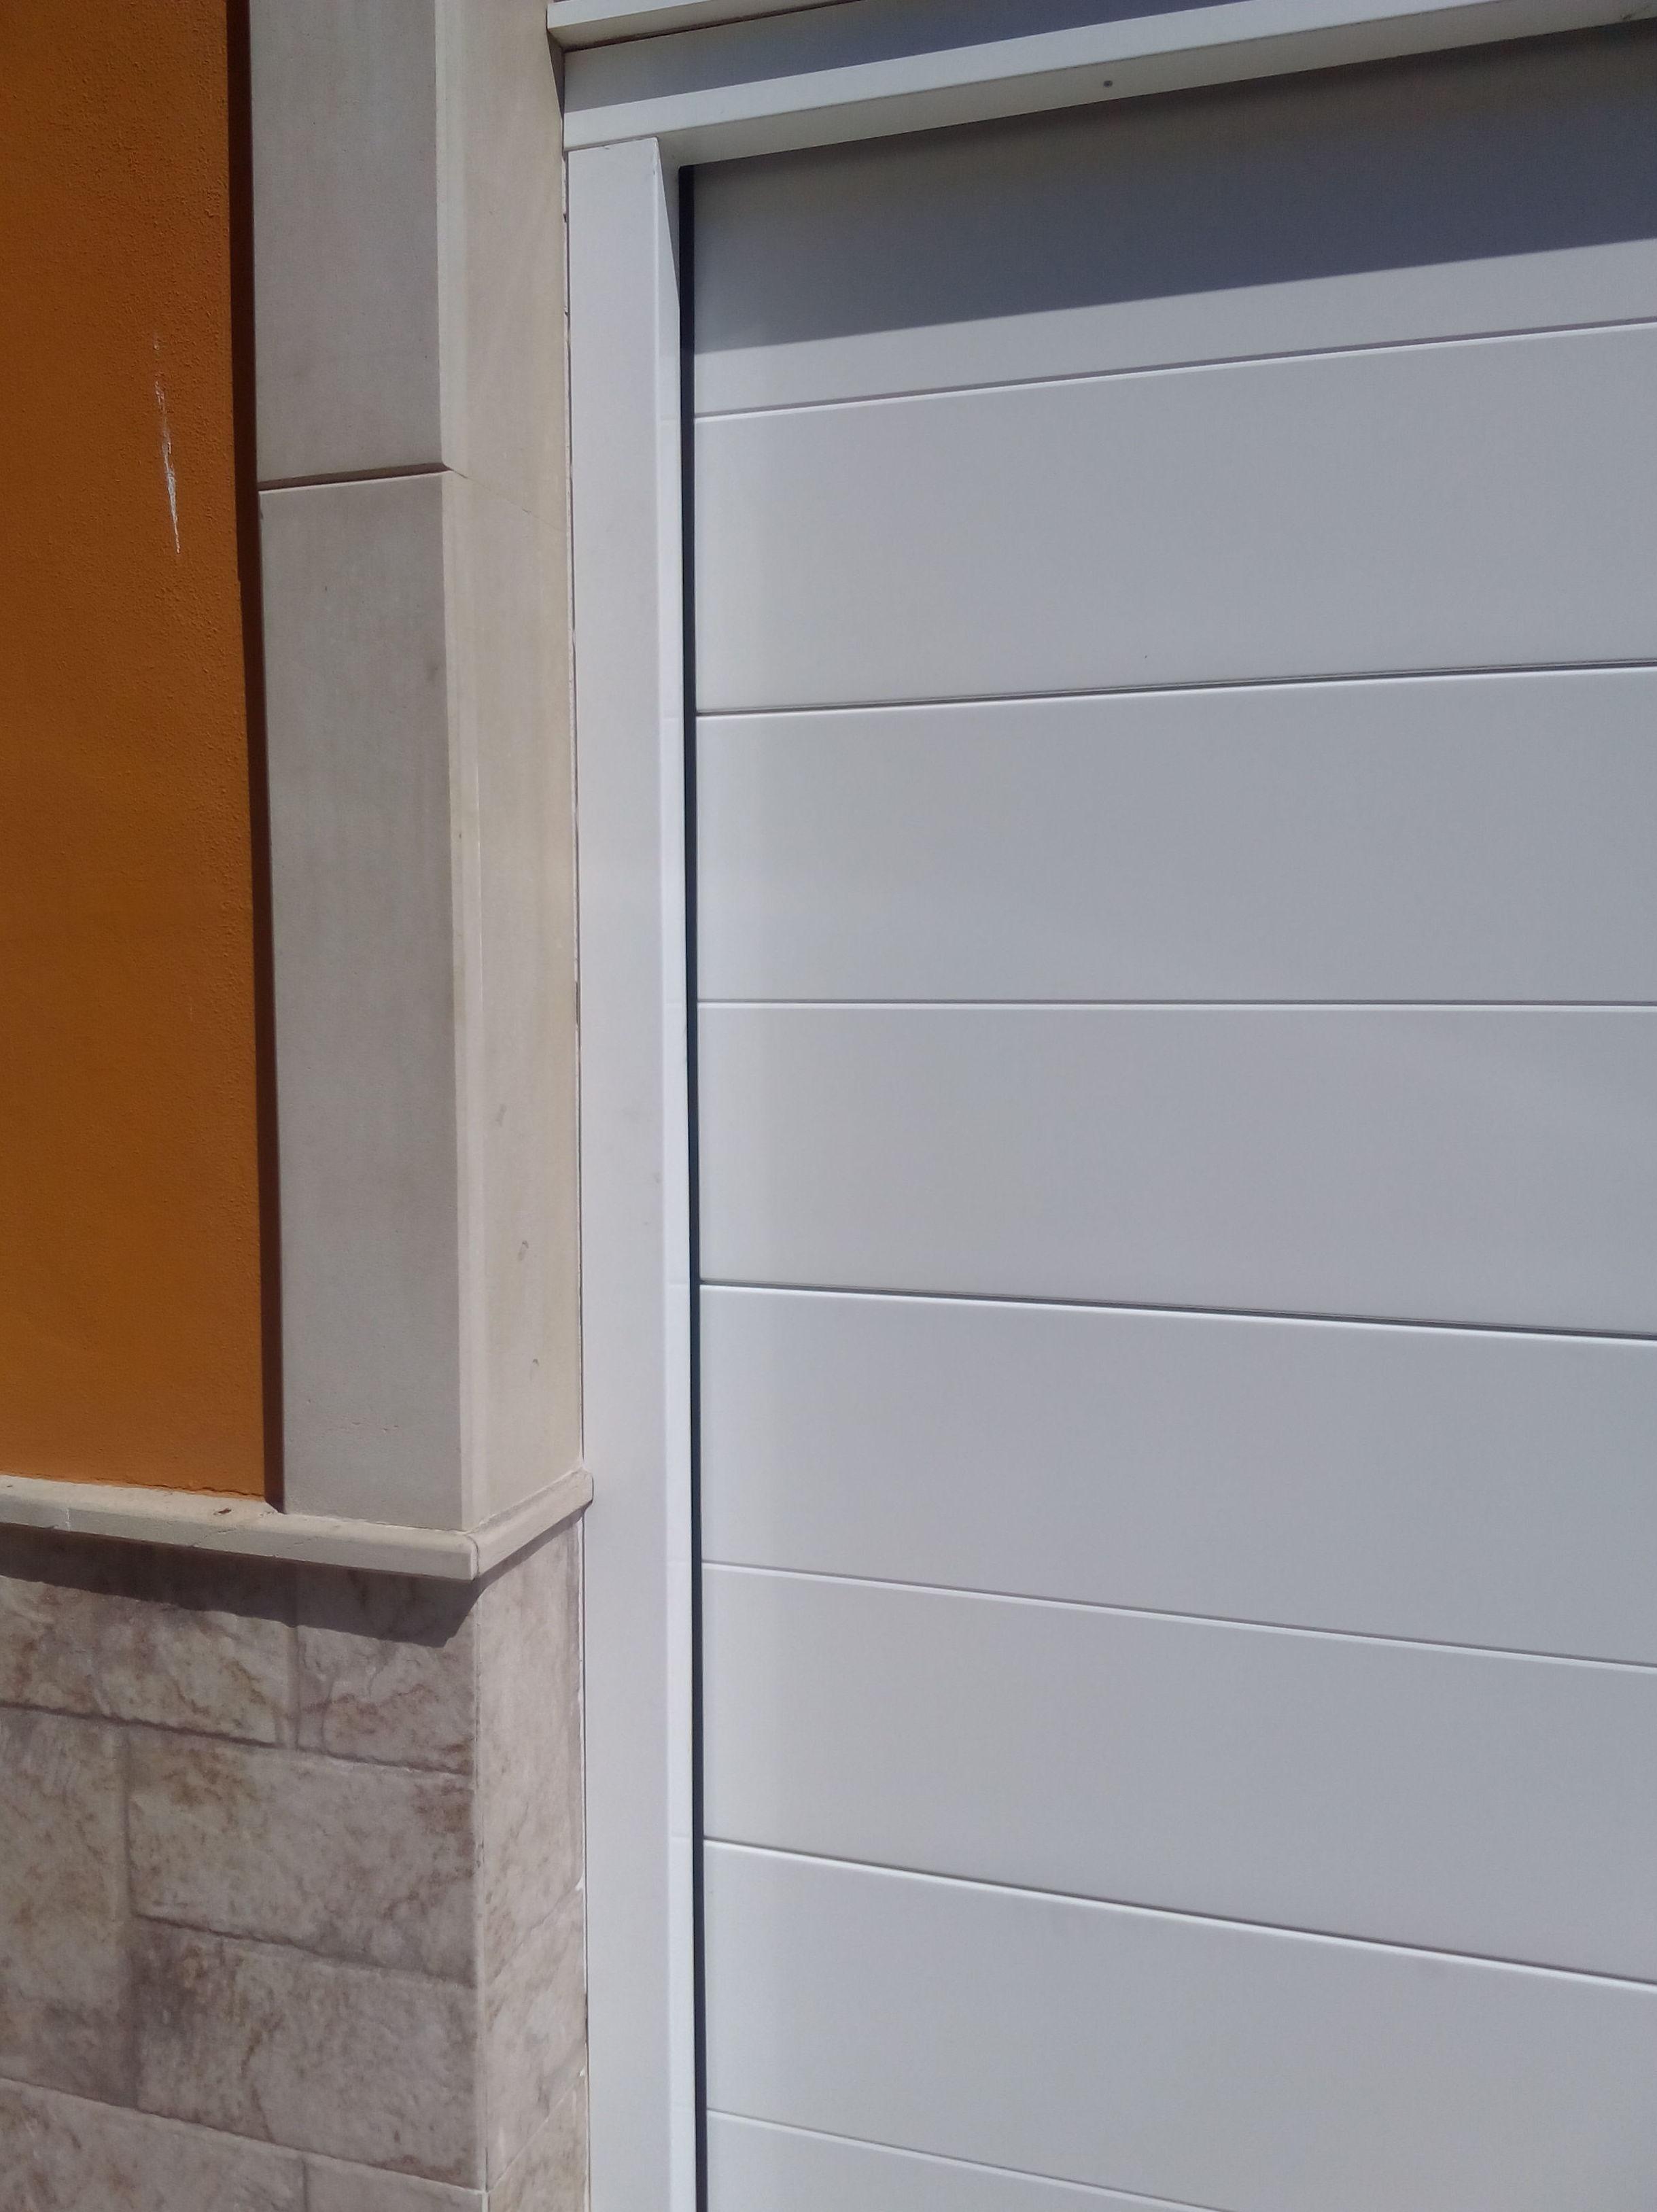 Puerta seccional automática panel liso y forro de premarco